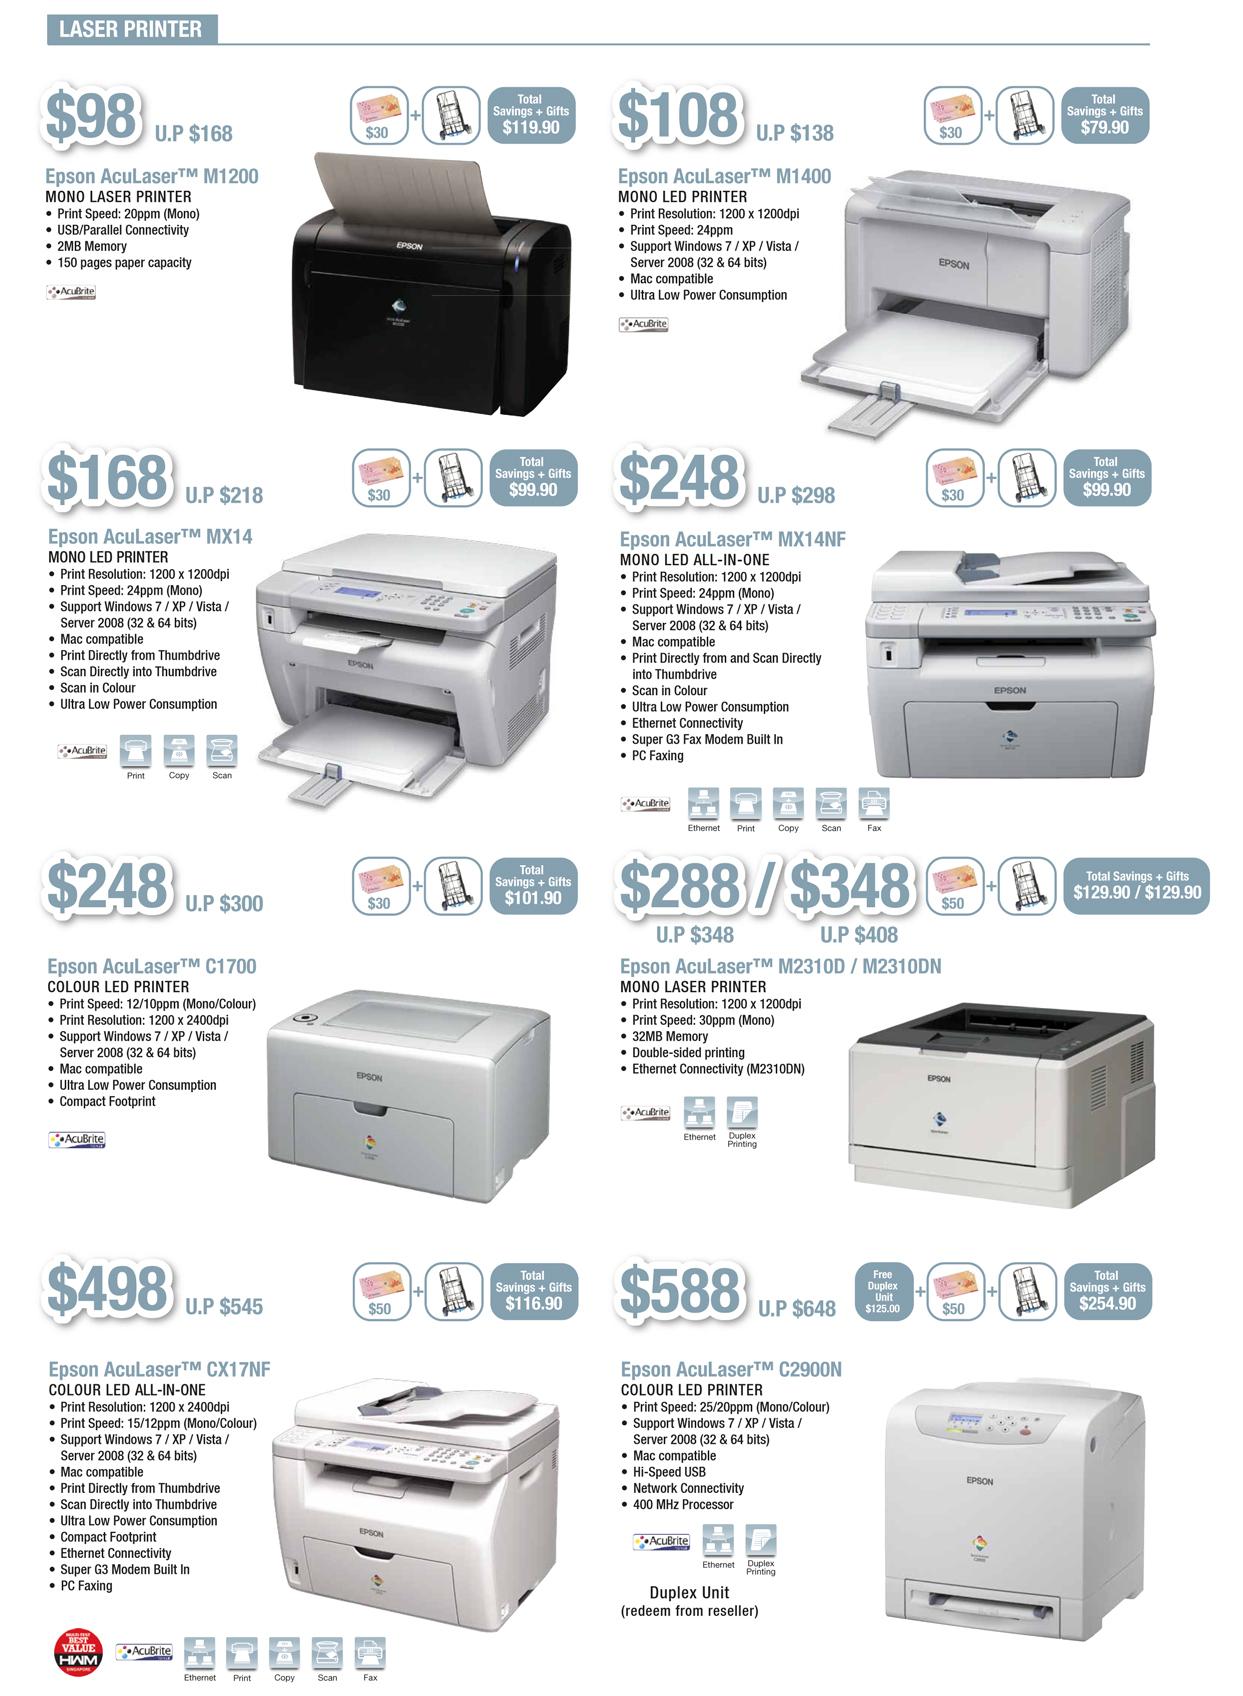 EPSON COMEX 2012 Price List 2